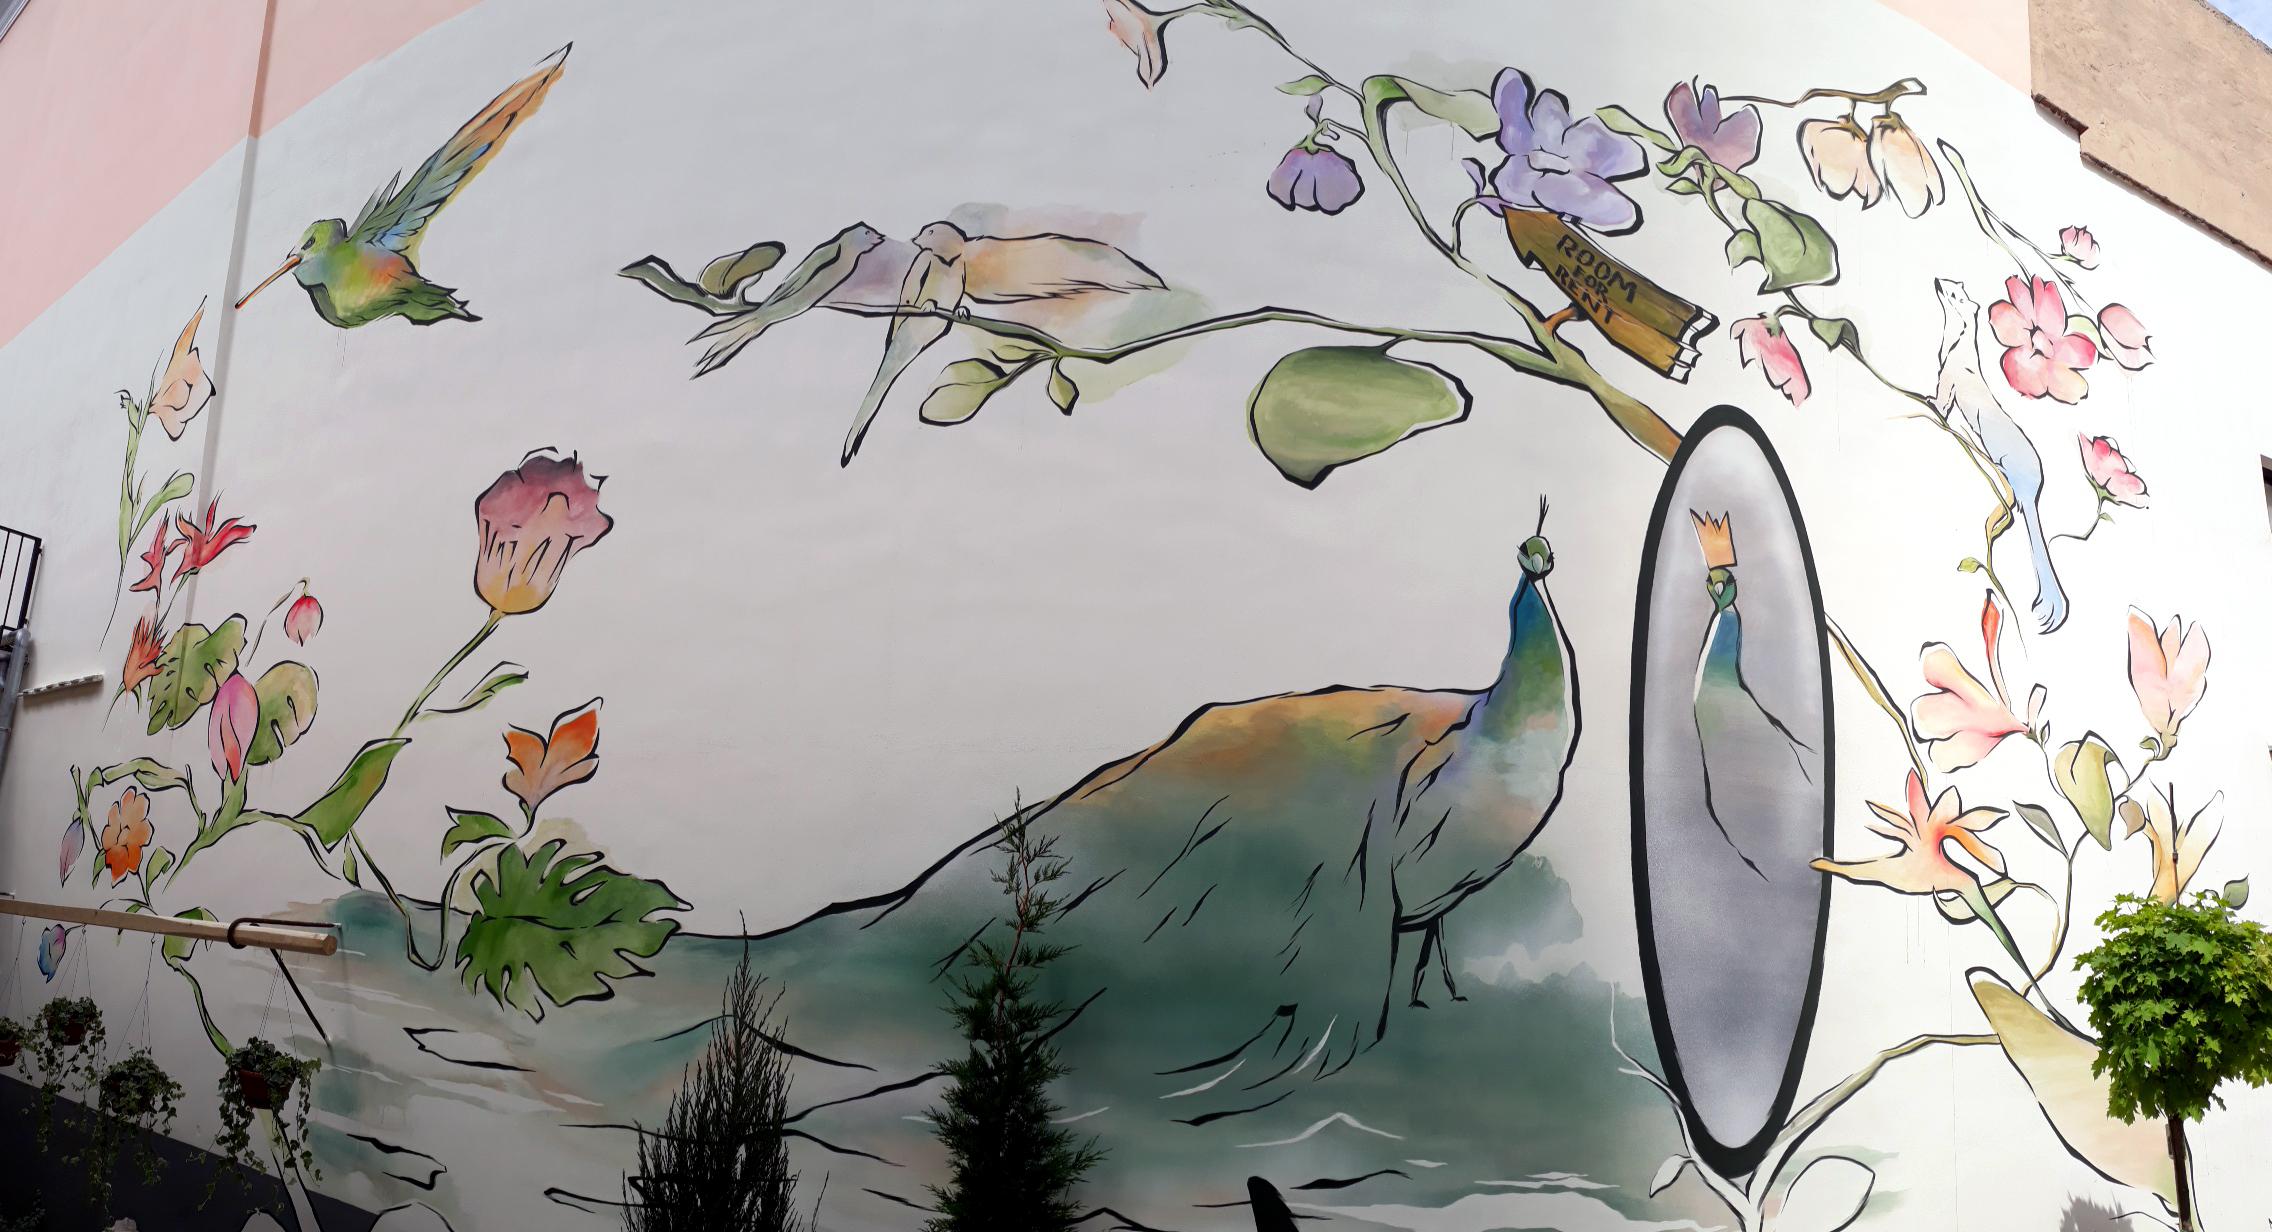 díszítőfestés titkos kert - neopaint works